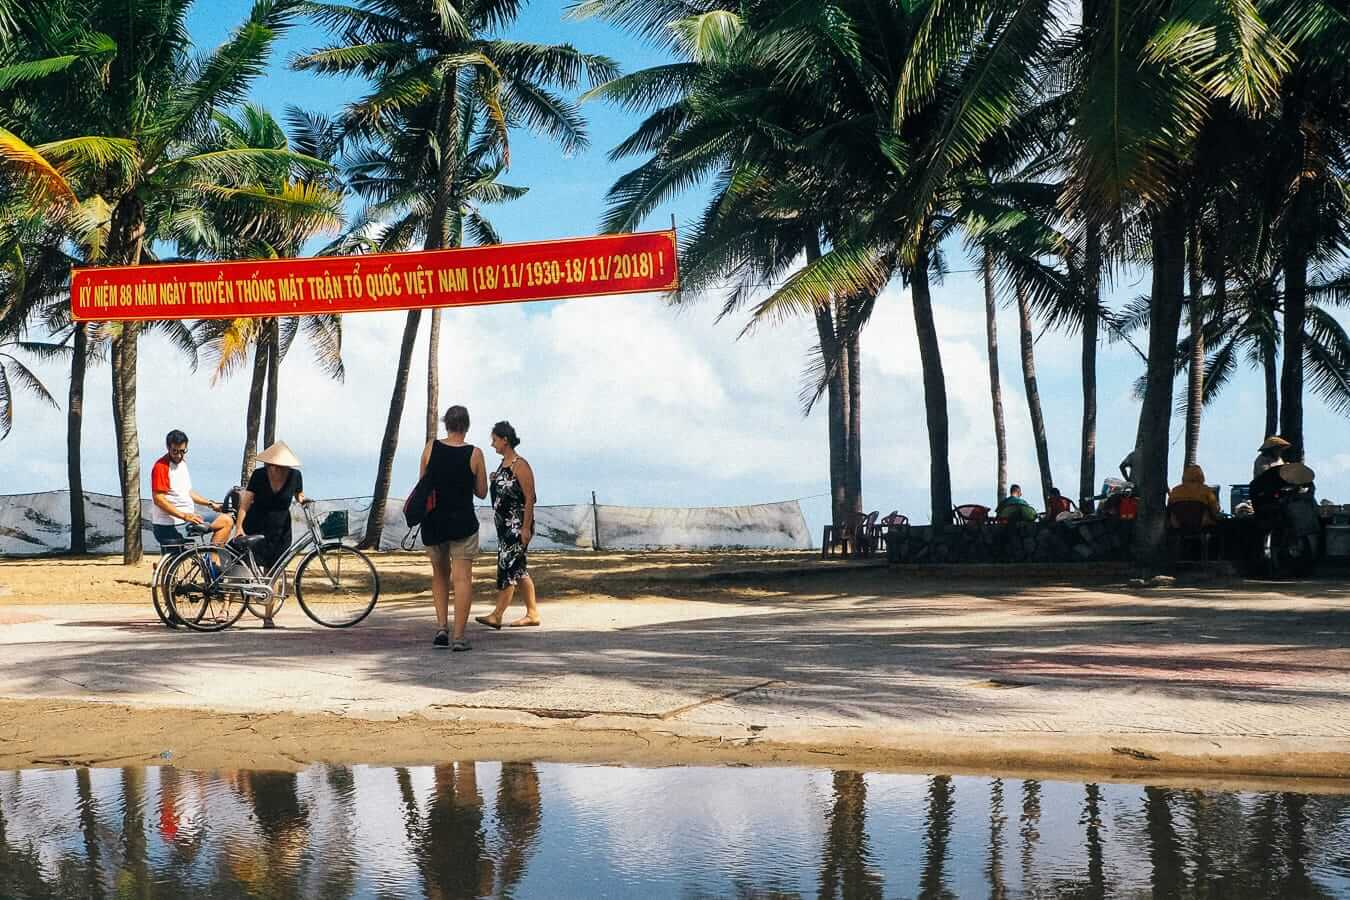 Beachgoers parking their bikes at Cua Dai Beach